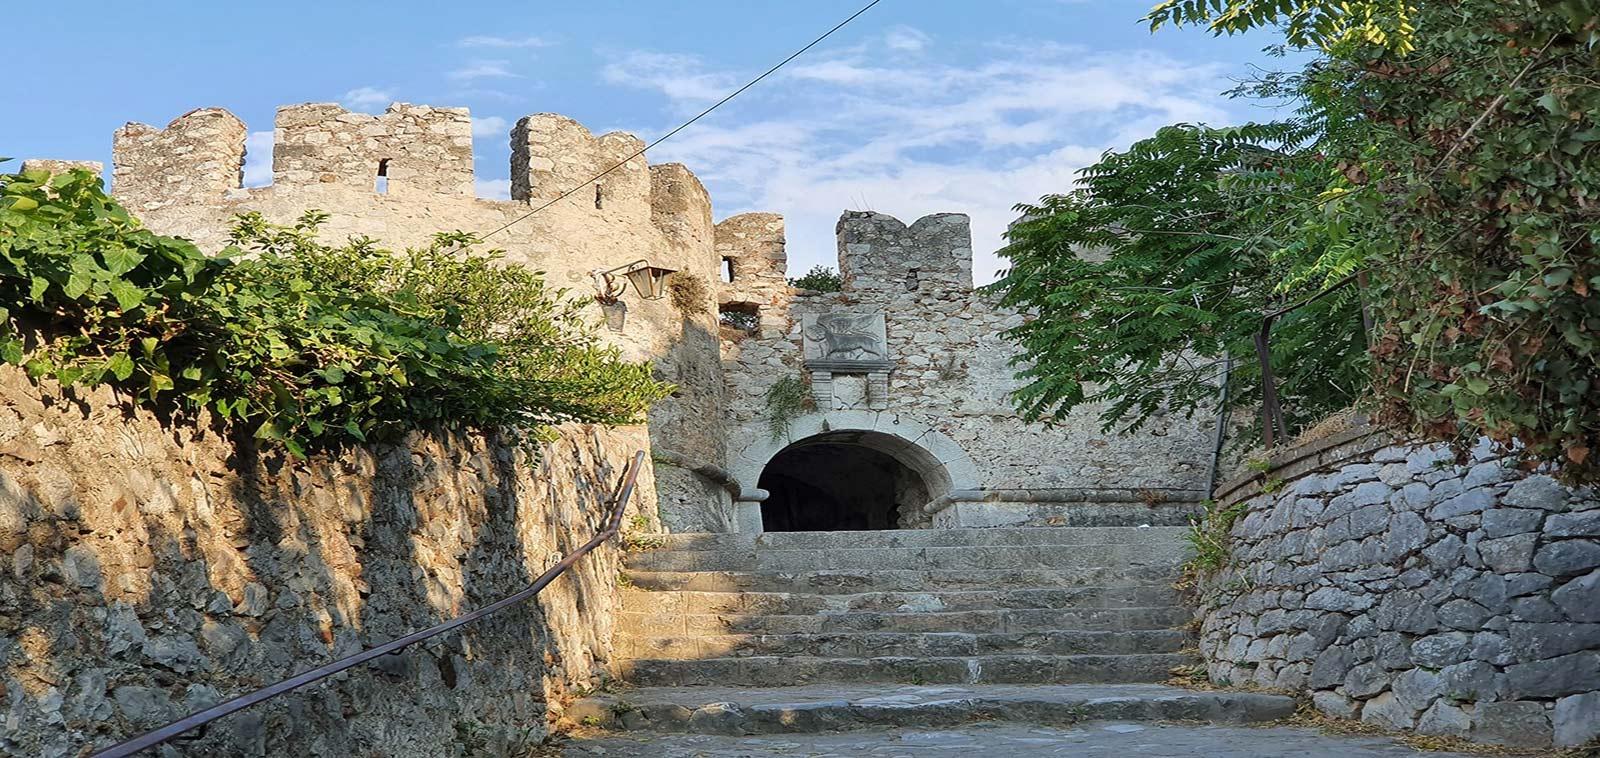 Day 4: Nafplio - Epidaurus - Mycenae - Ancient Corinth-Acrocorinth-Korinthos or Nafplio km 150  or km 100.